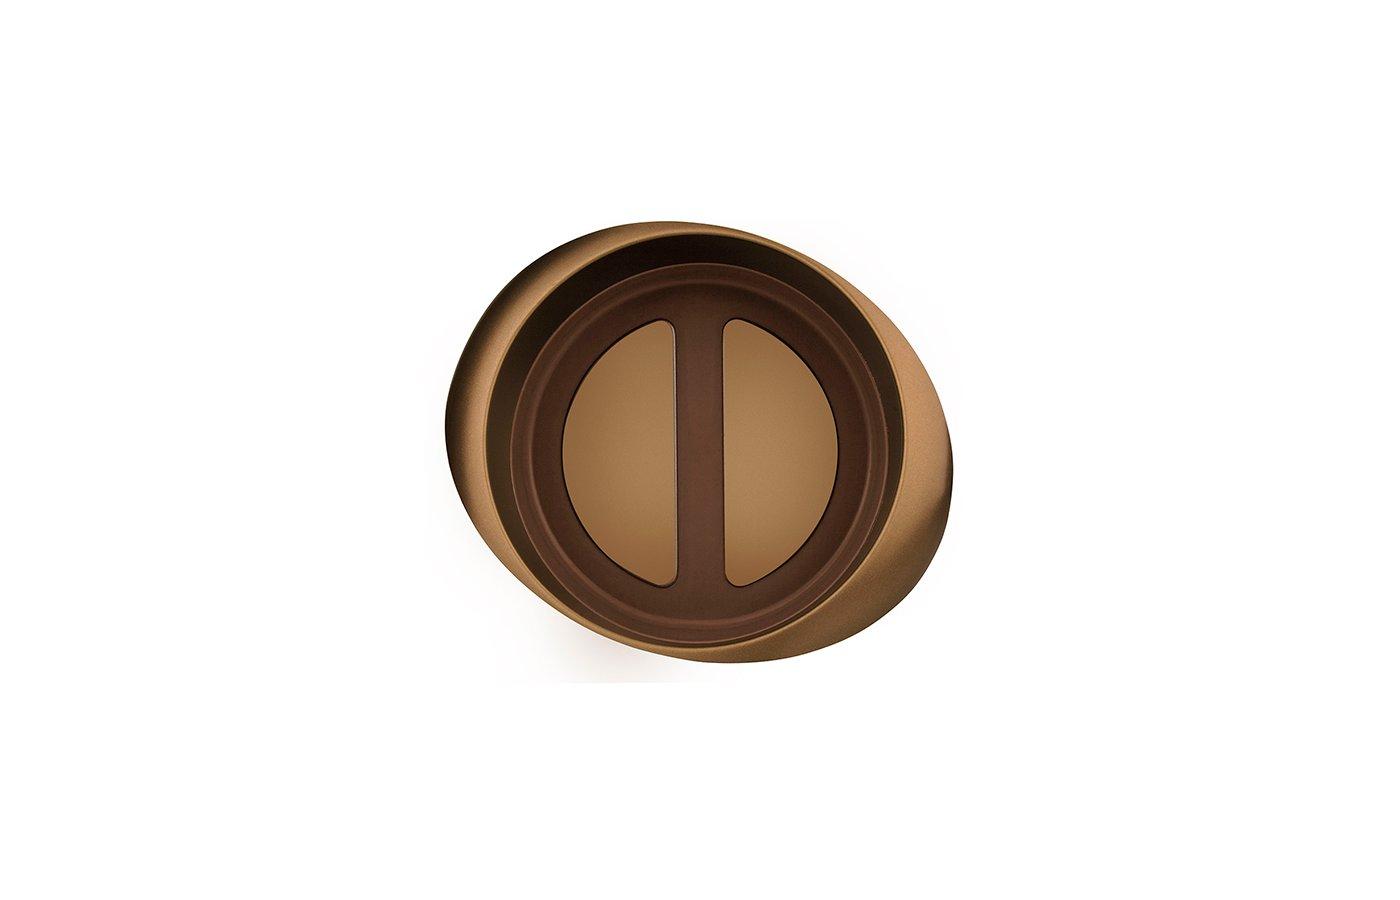 Форма для выпечки металлическая Rondell RDF-445 18 см круглая со съемным дном MoccoLatte